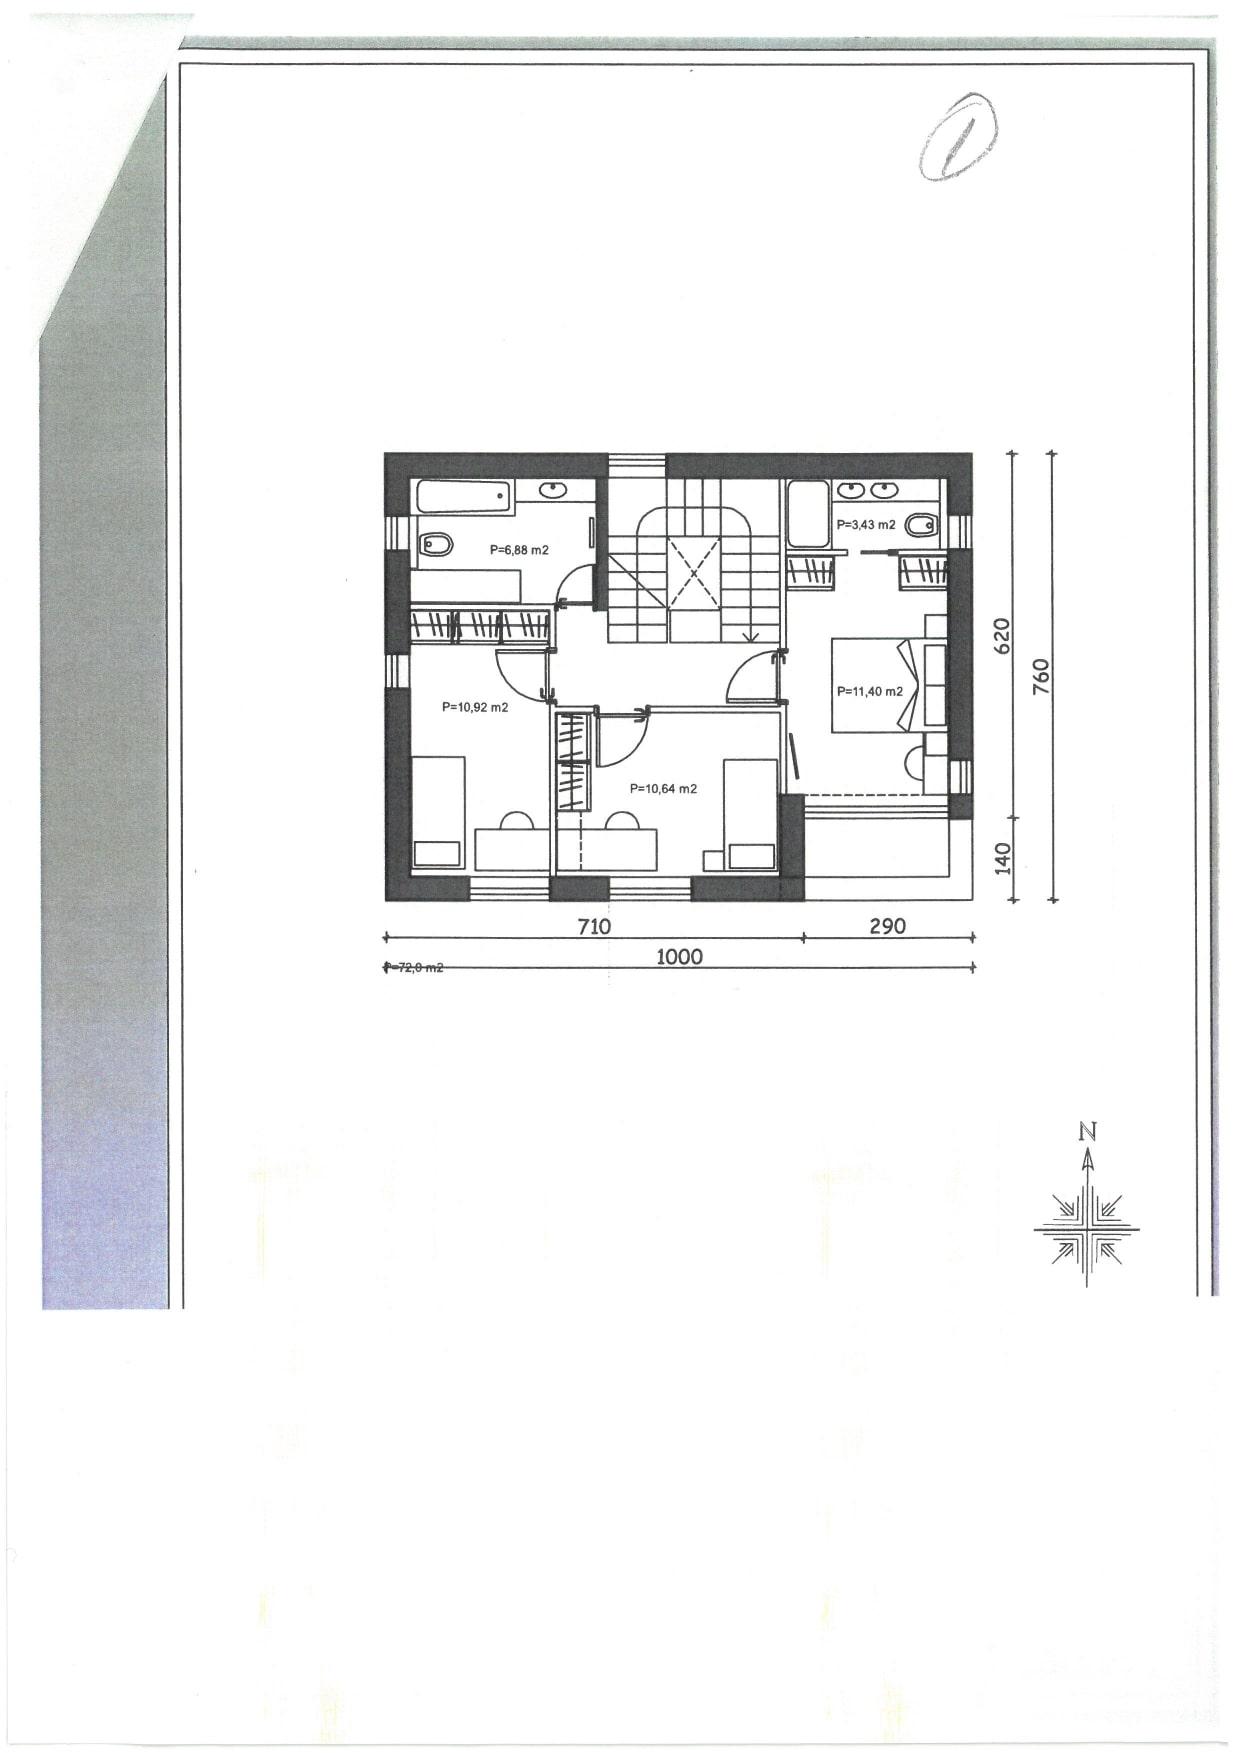 Die Idee des unseres Architekten 1 Dg.jpg